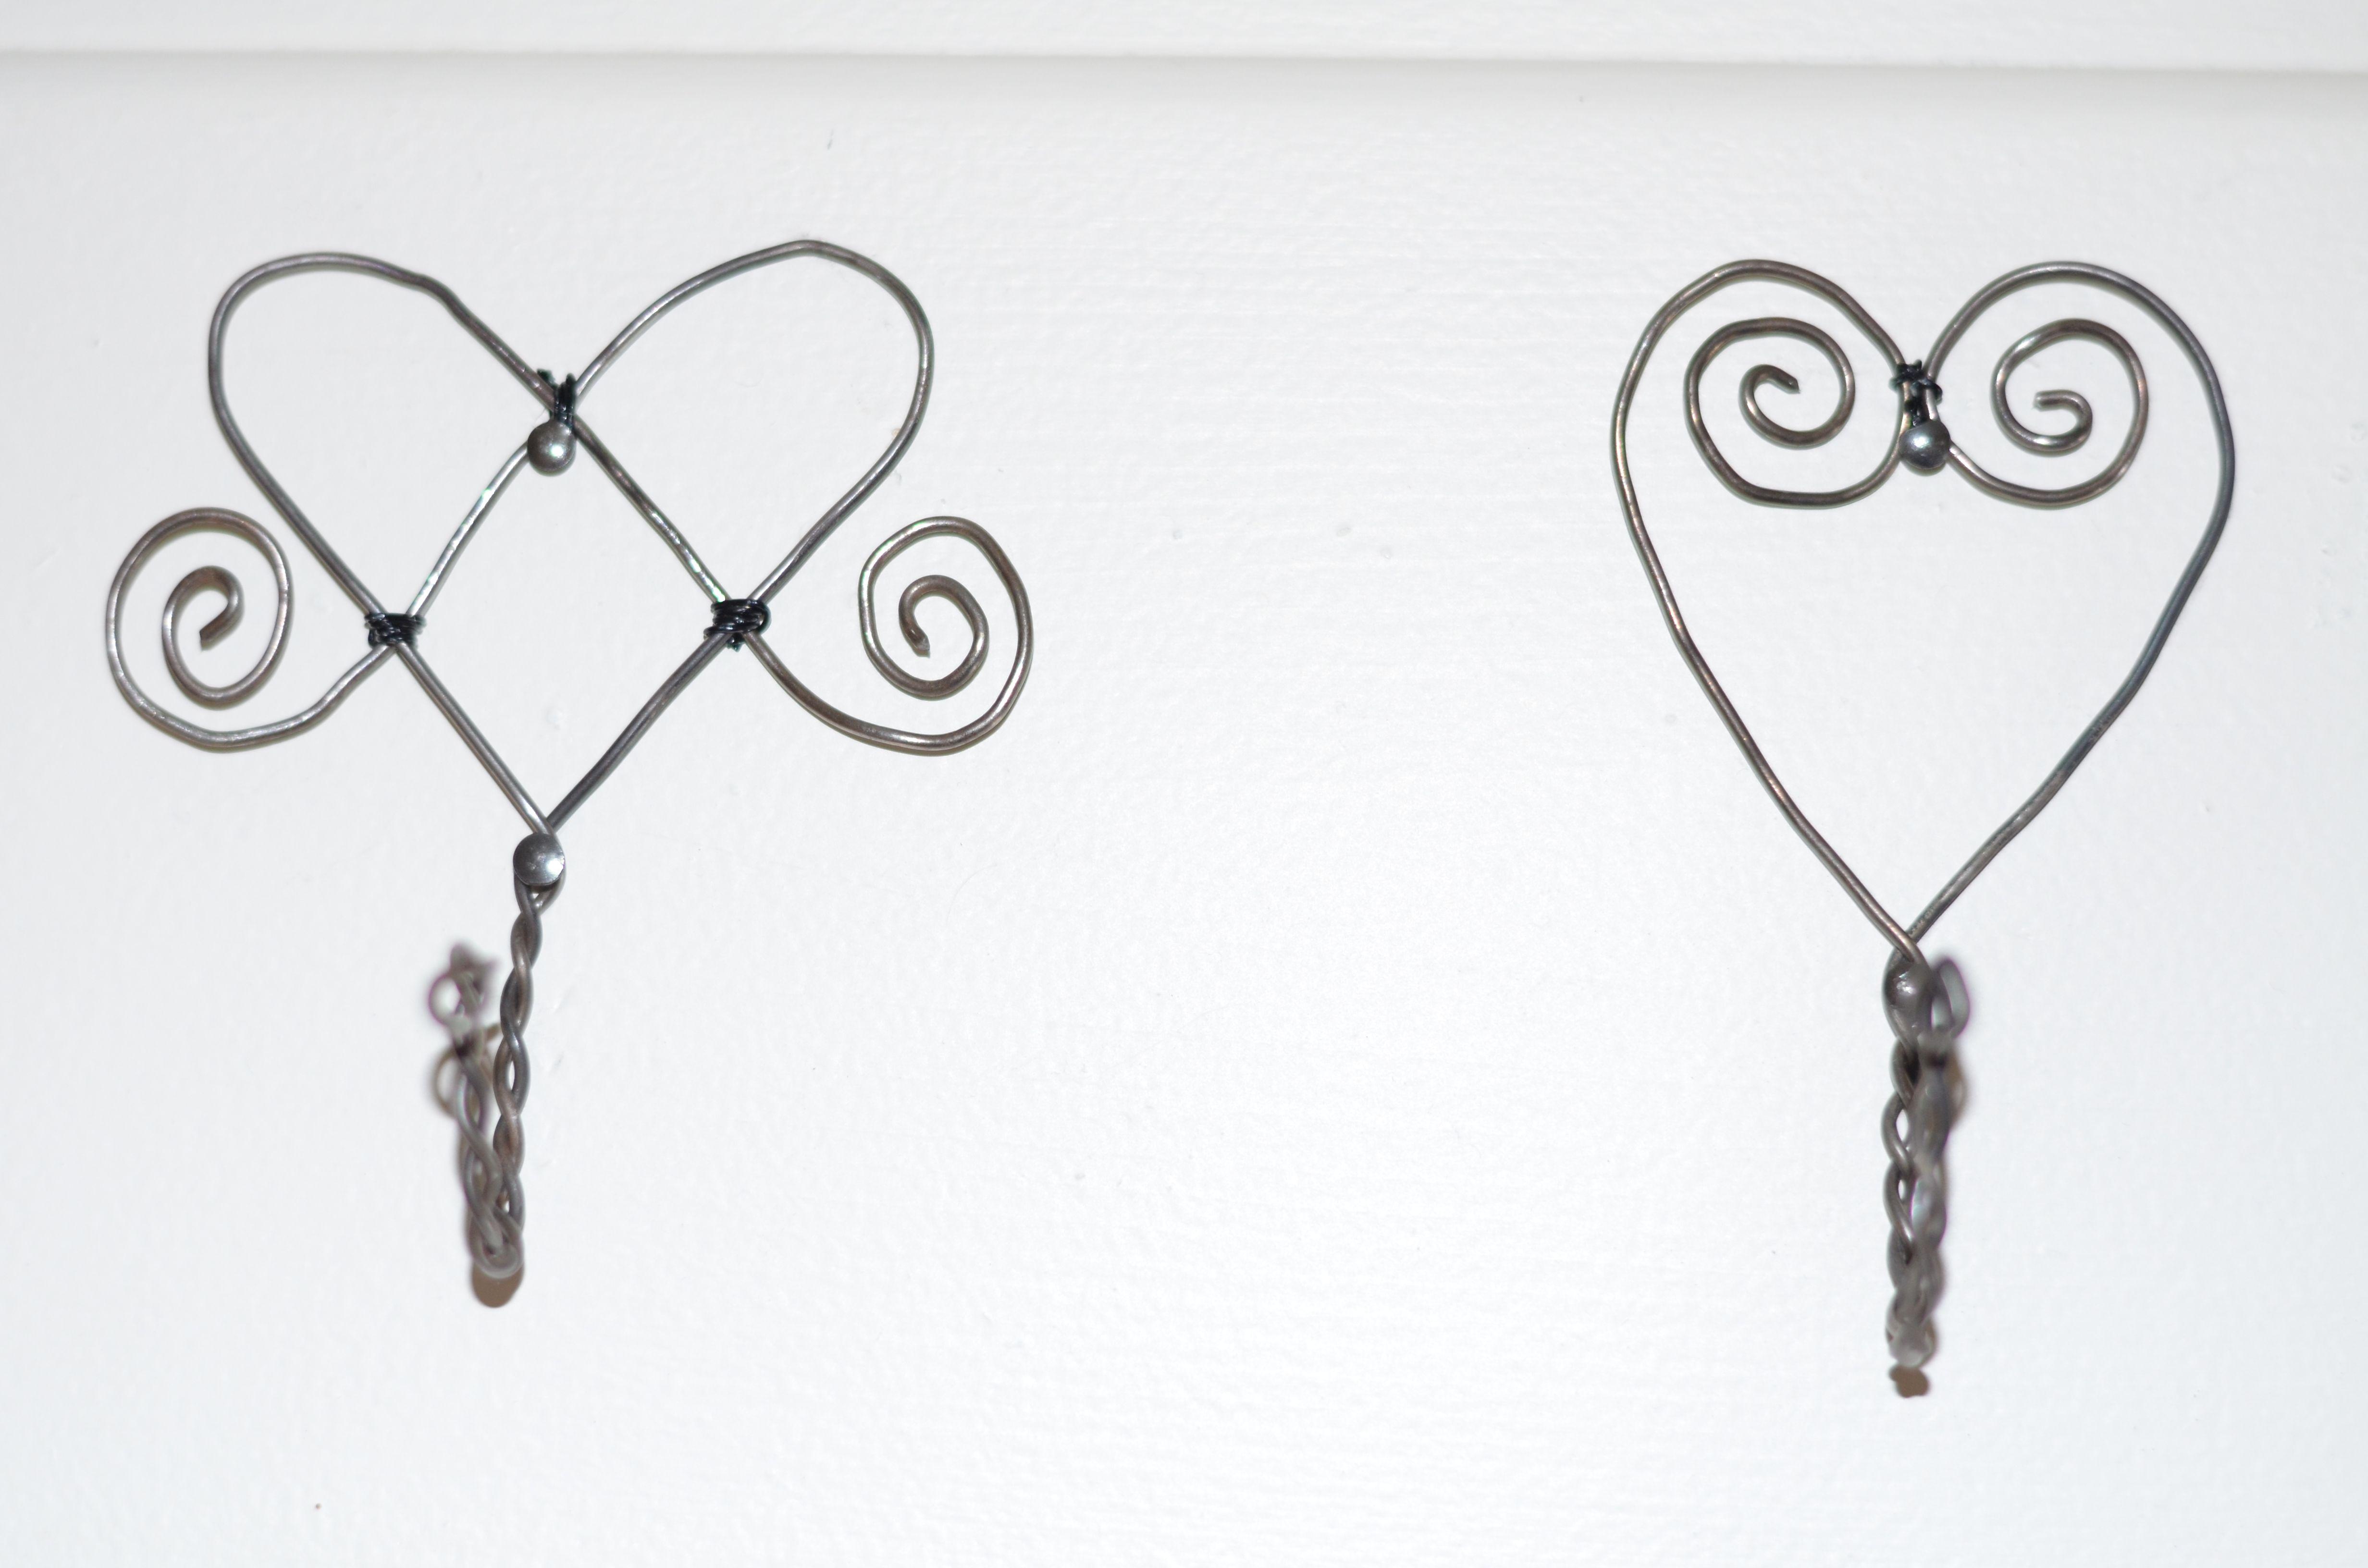 DIY - Luffarslöjd ist eine alte schwedische Drahtbiegekunst. Mit ...